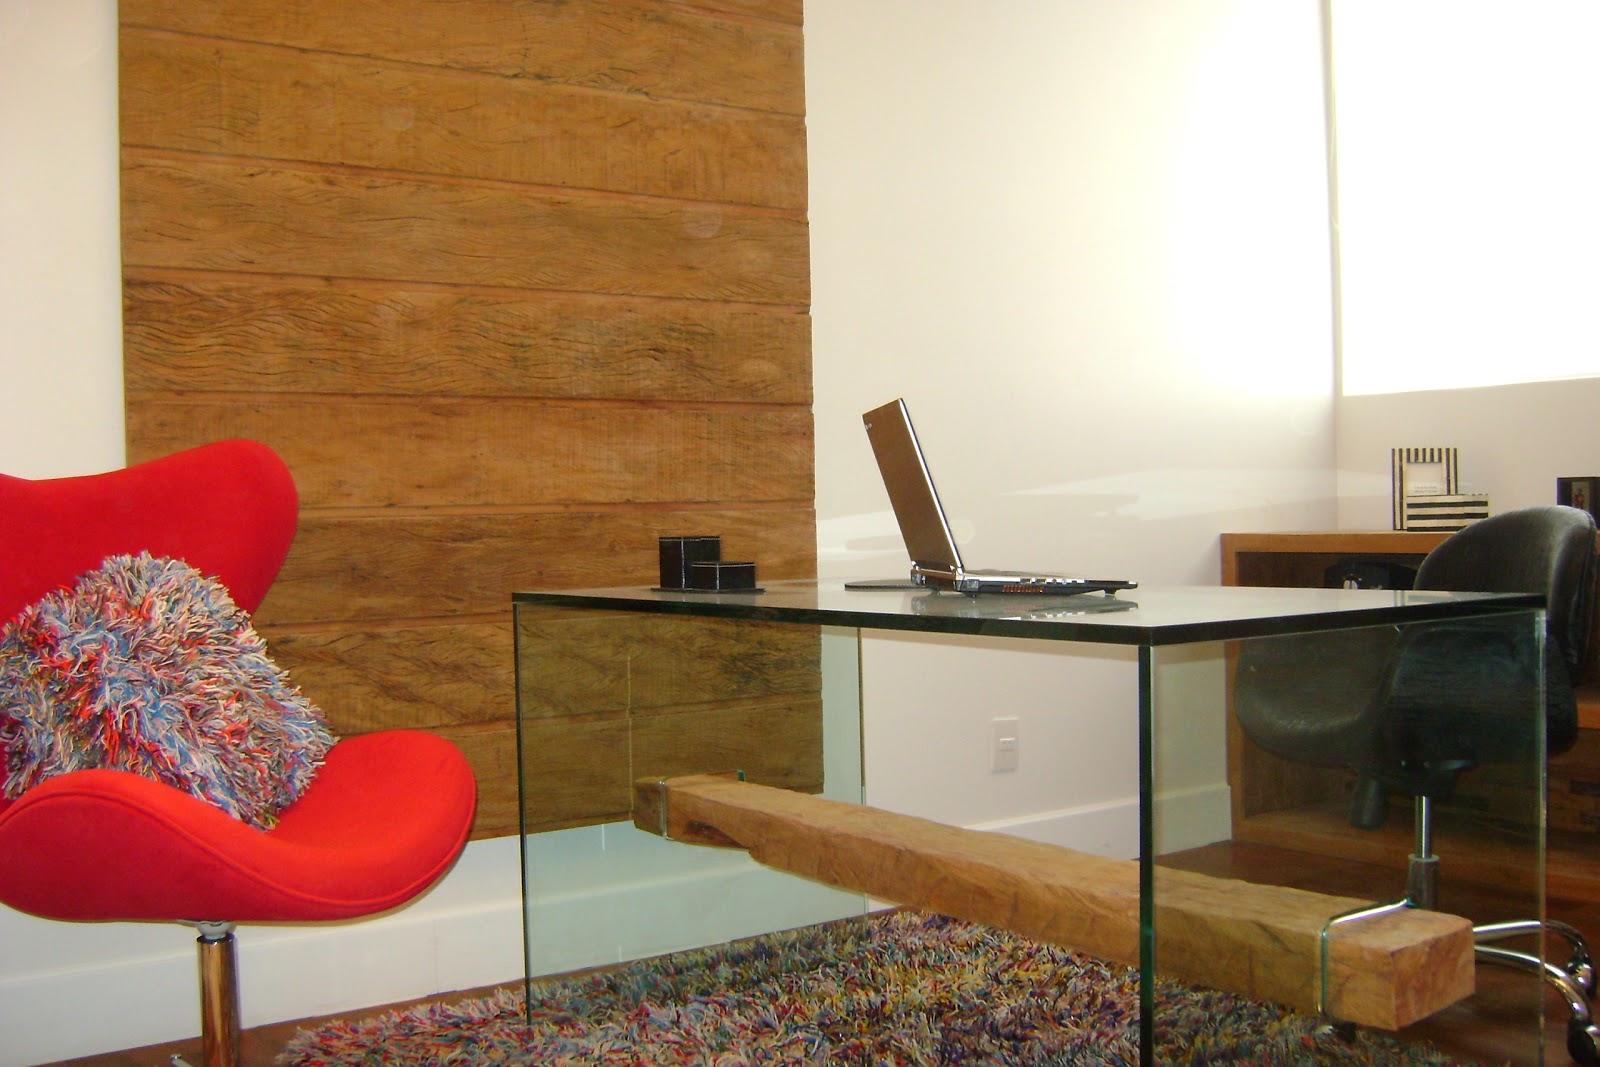 do painel em madeira de demolição e da viga usada na mesa de vidro #B3181C 1600x1067